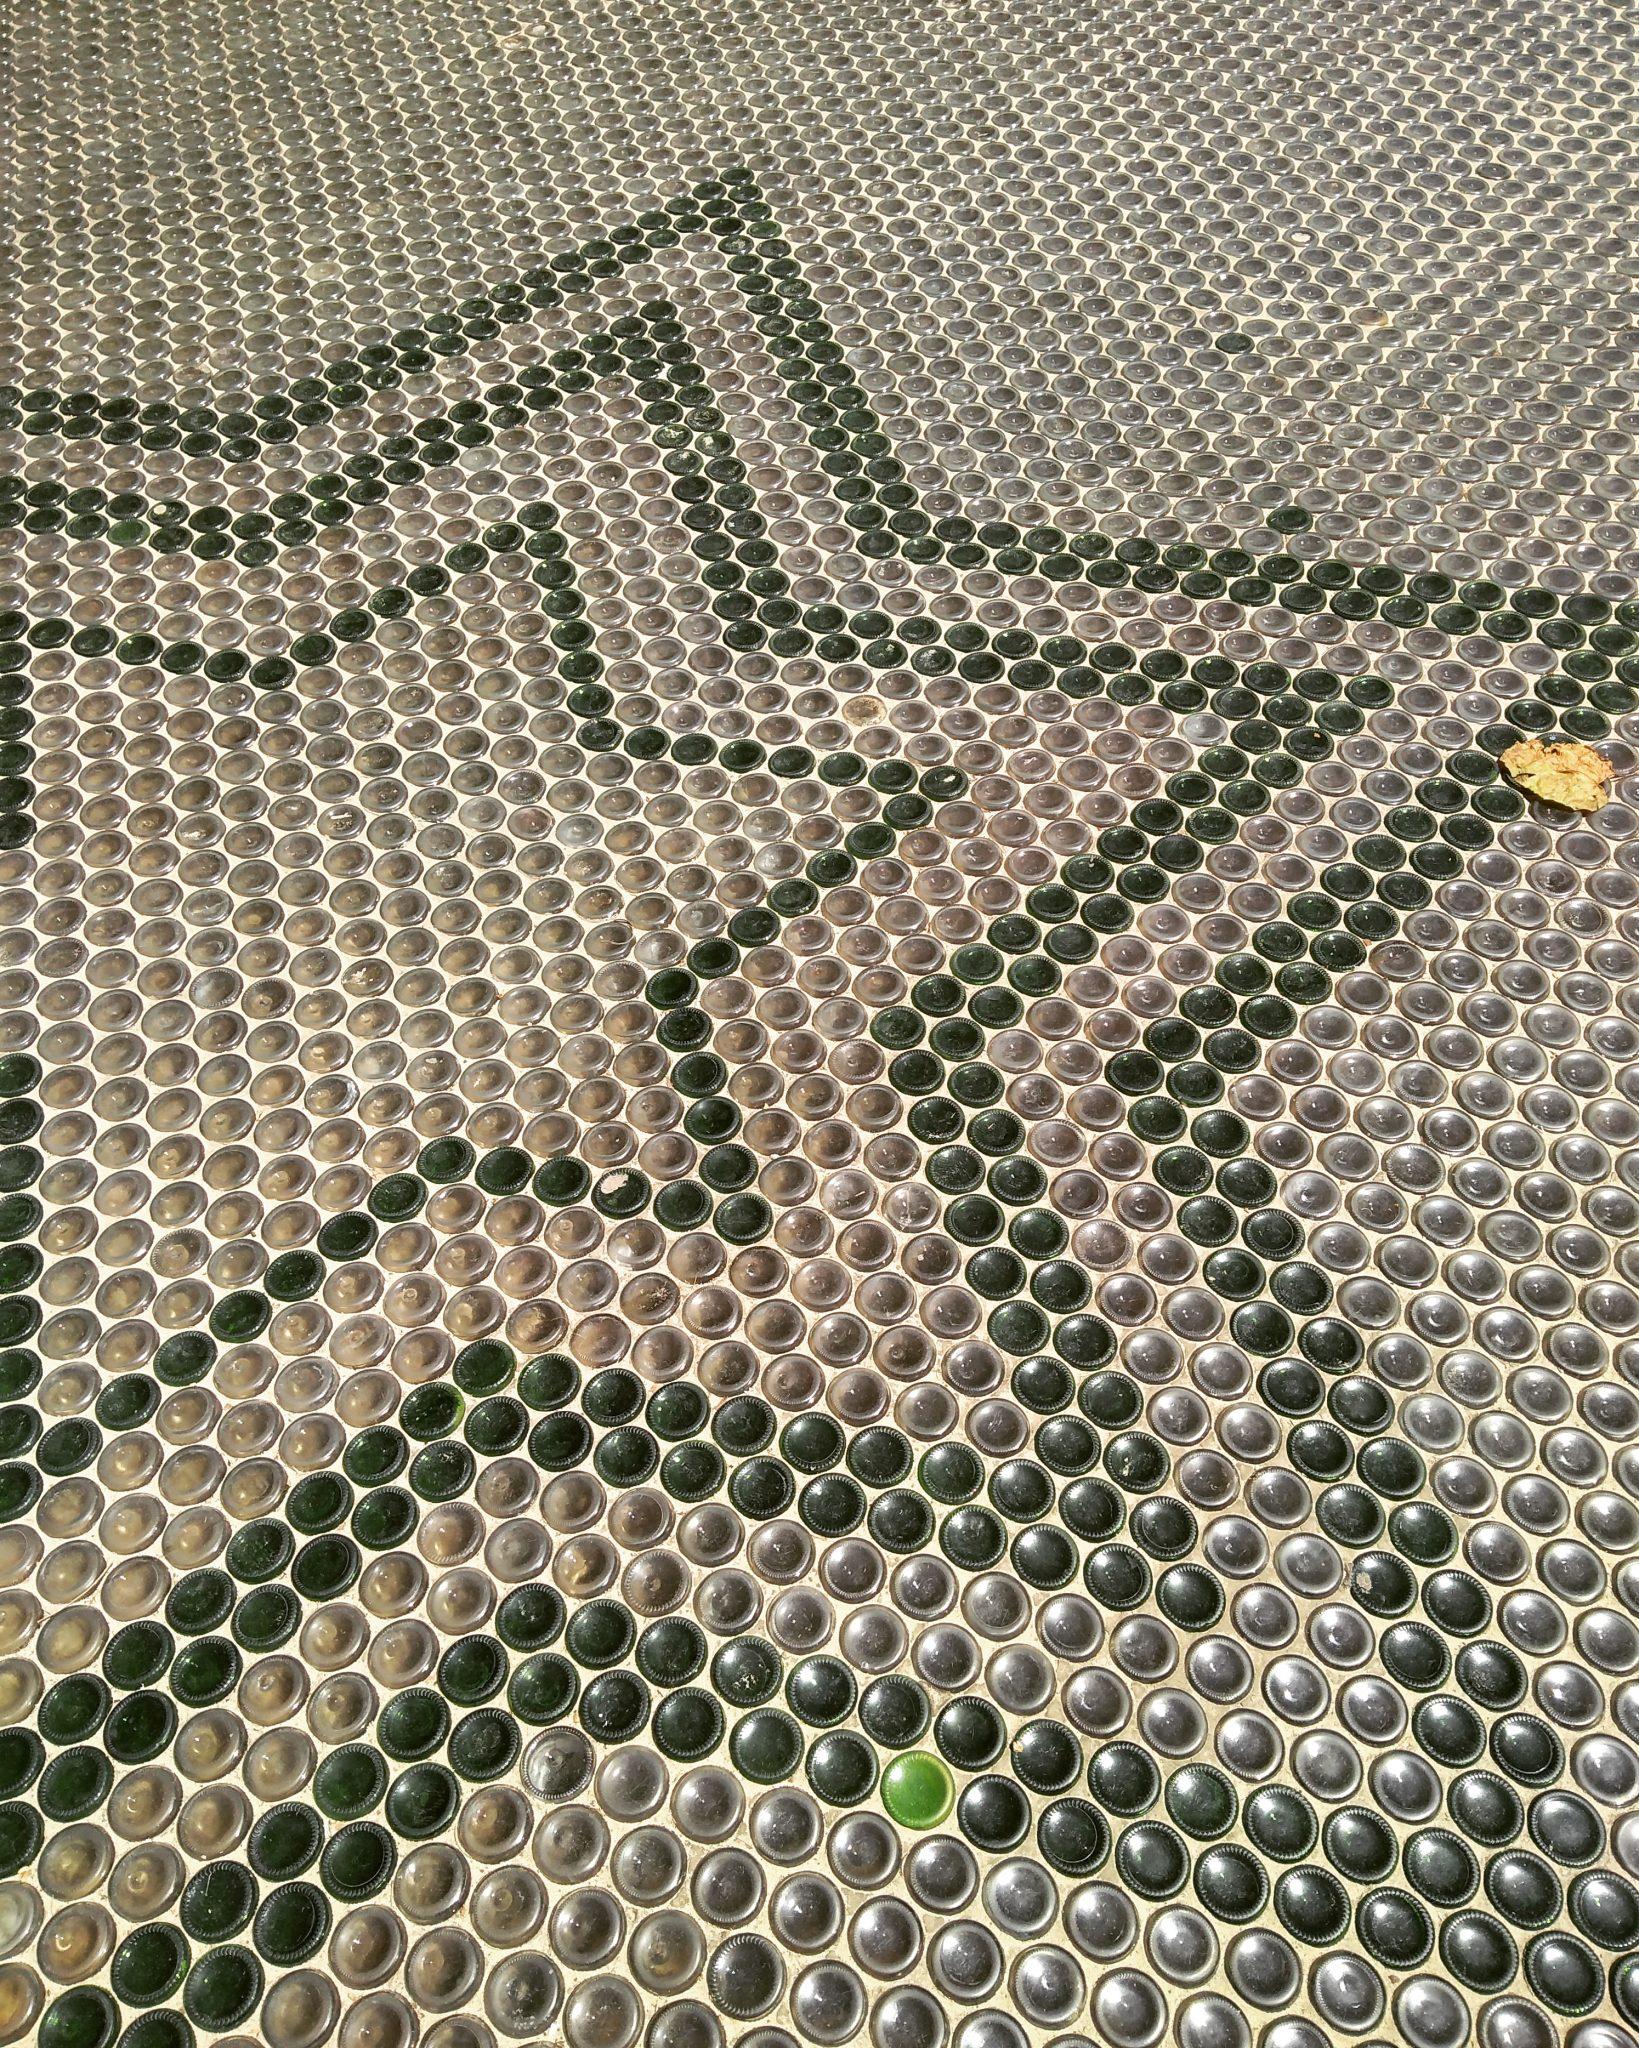 Unzählige Glasflaschen wurden für dieses Kunstprojekt gesammelt und ein Fußboden kreiert. Zwischen den Flaschen ist normaler Sand. Spotted in Fortaleza